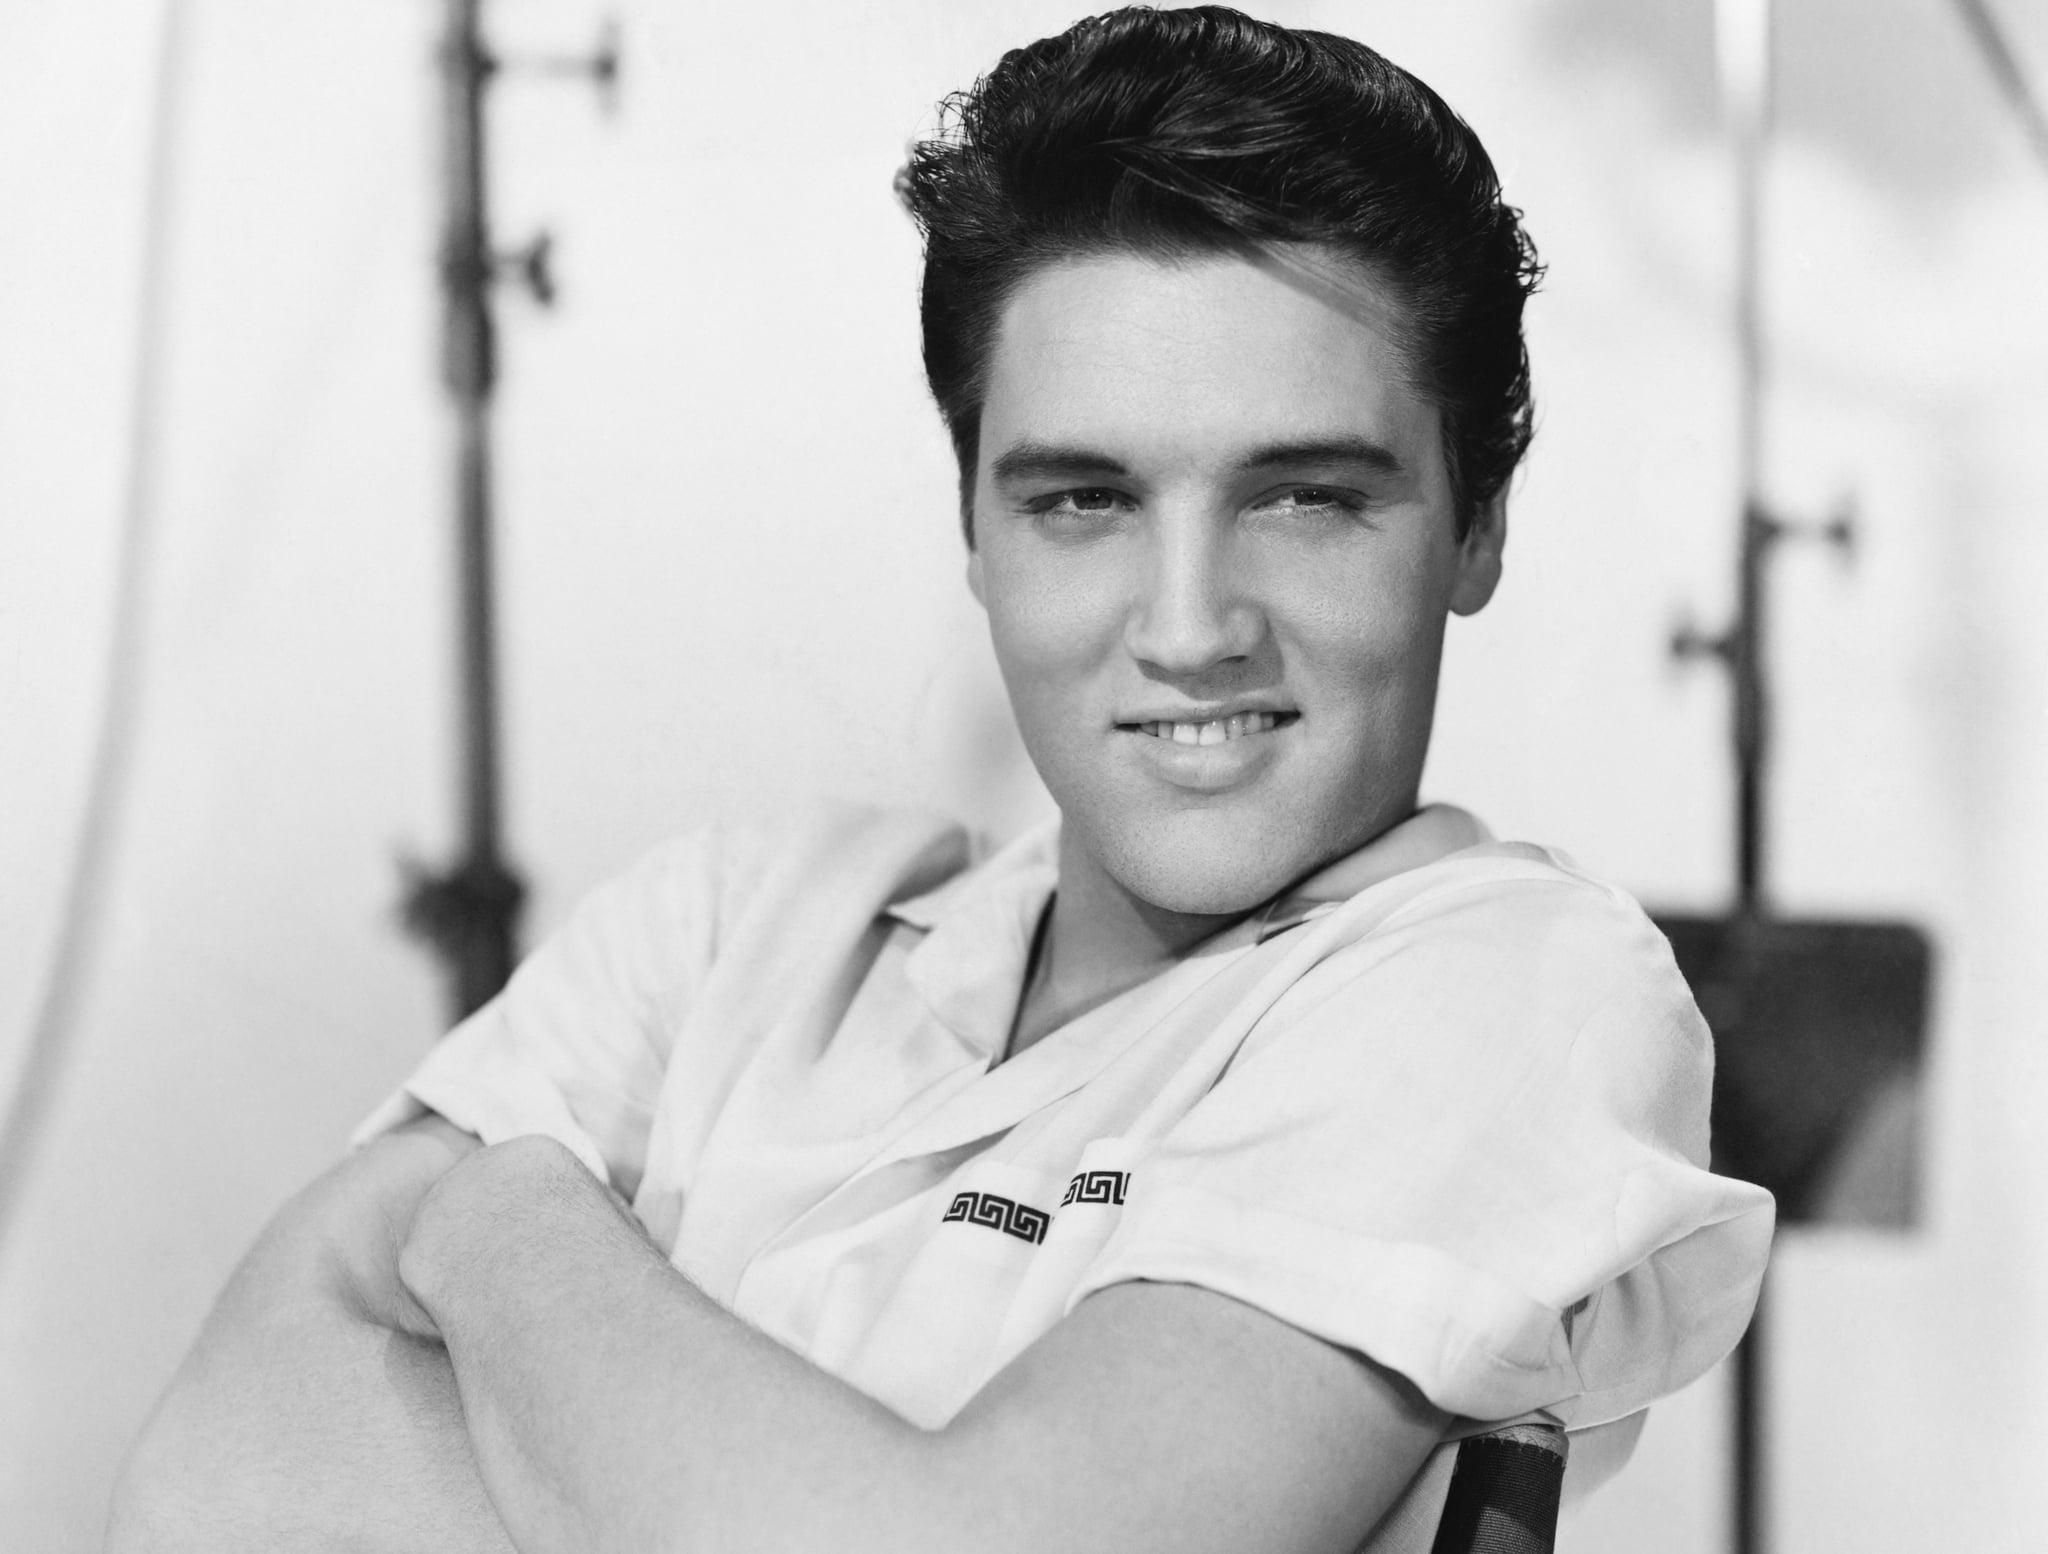 Elvis Presley sera incarné par Austin Butler dans le biopic de Baz Luhrmann qui lui sera consacré